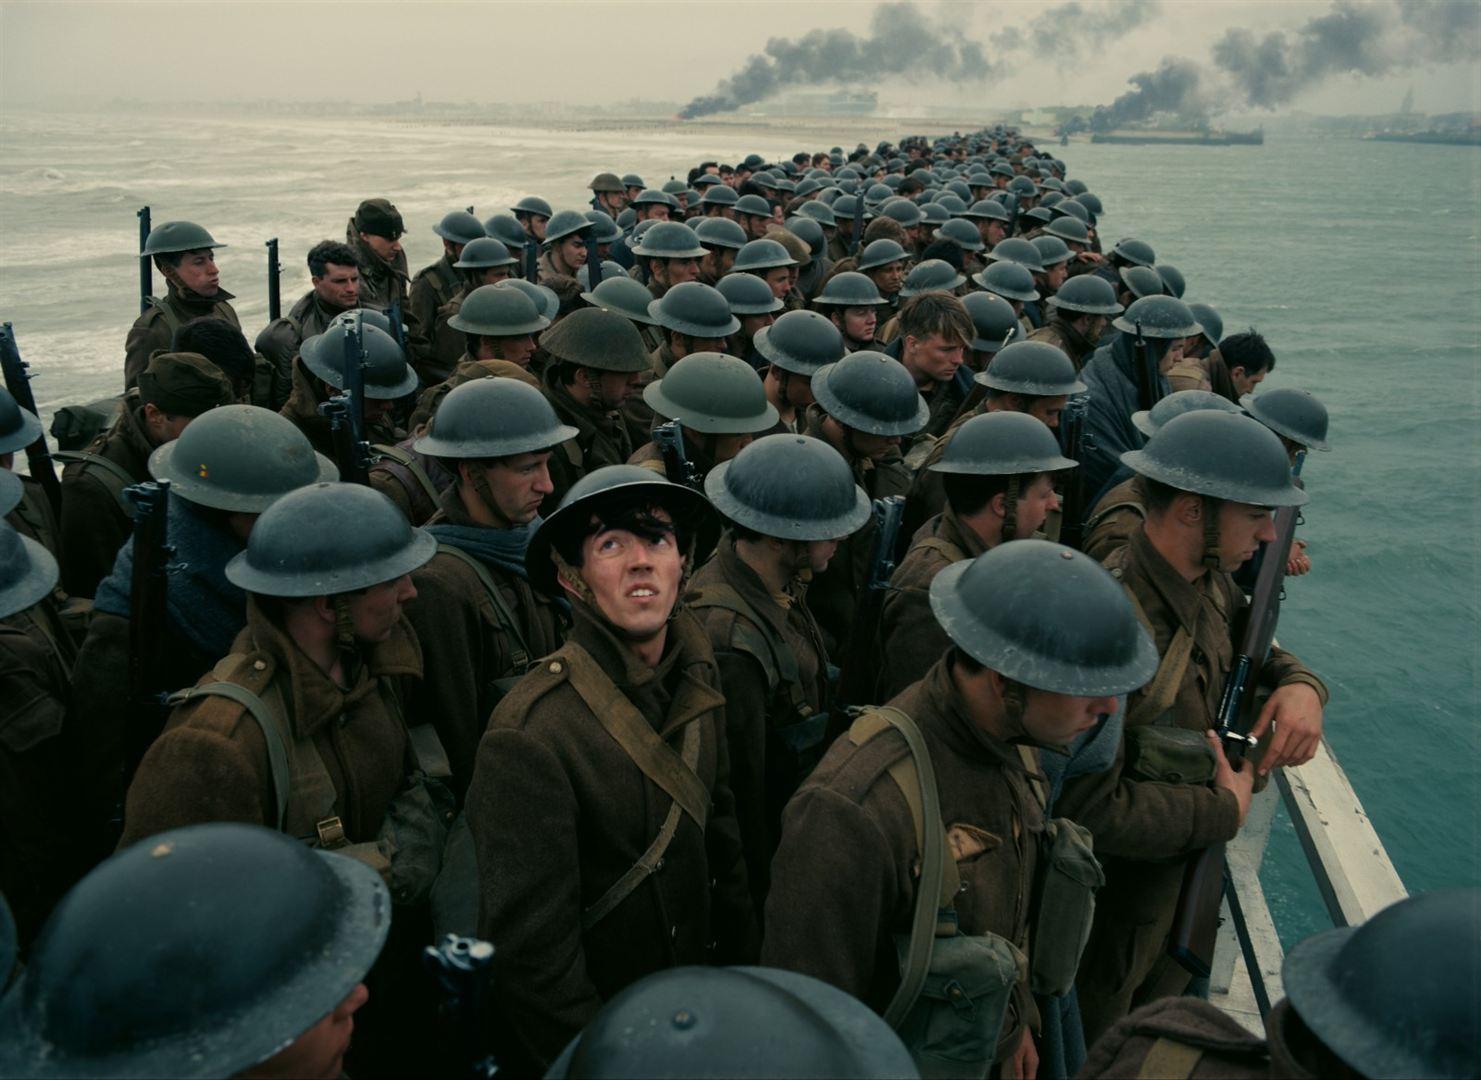 Cena do filme Dunkirk